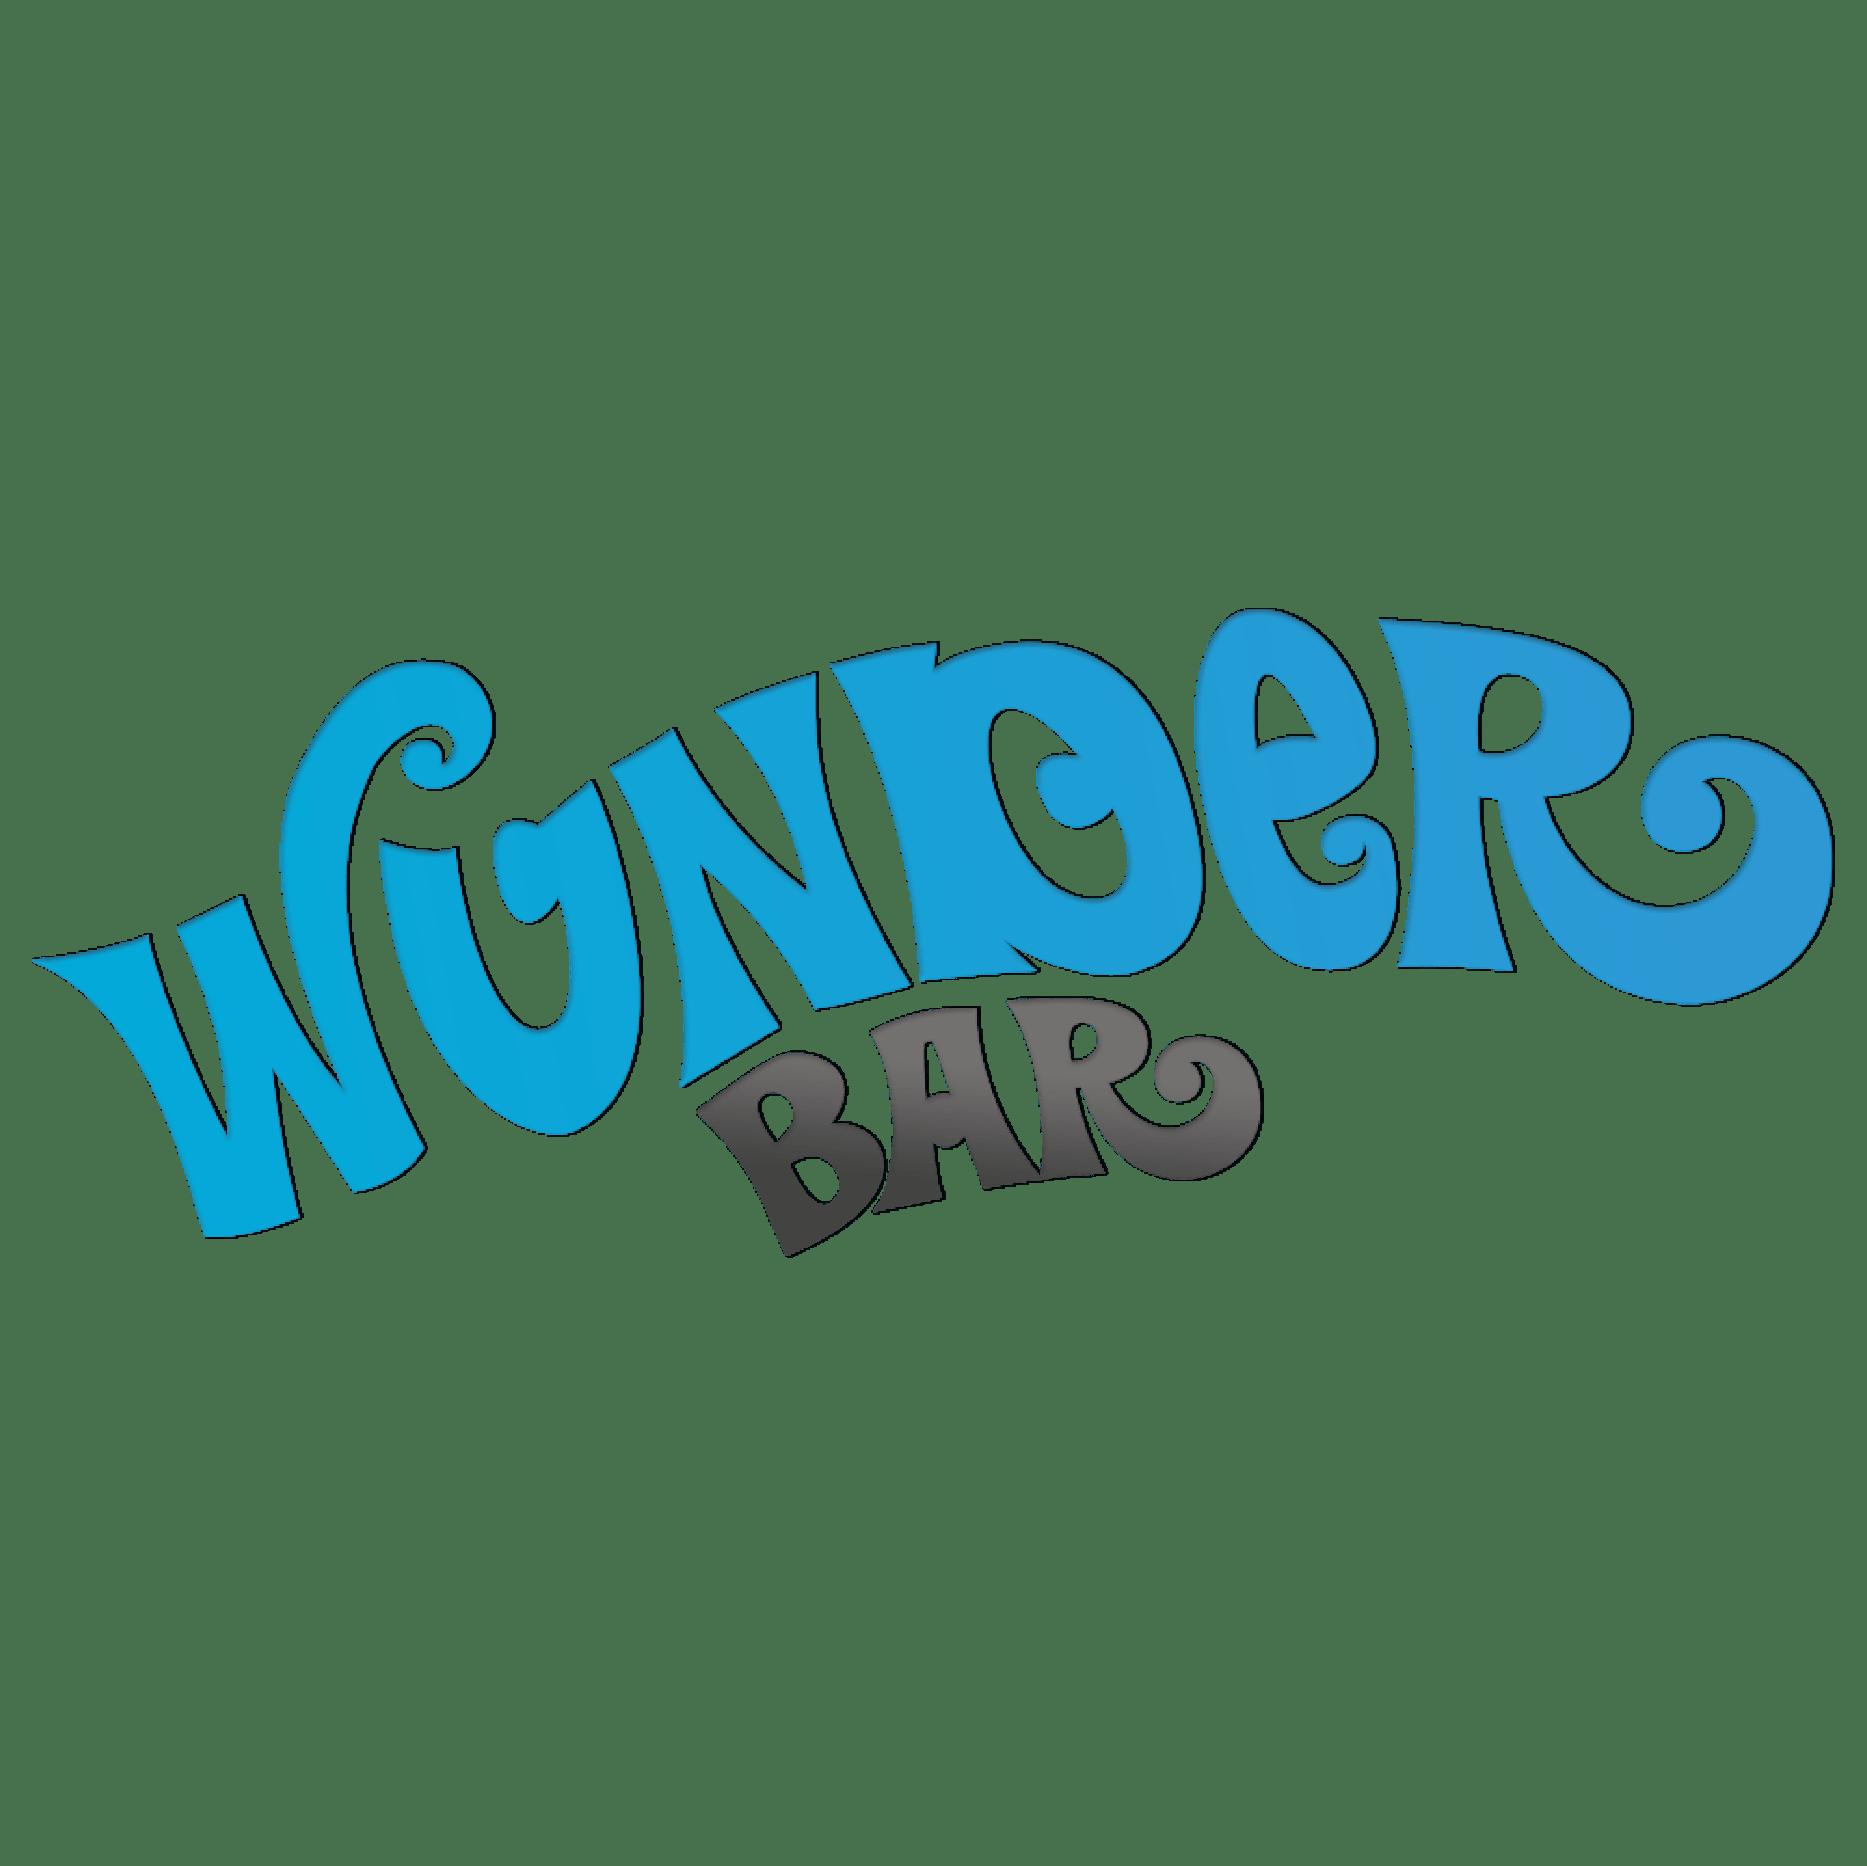 Wunderbar solo hires